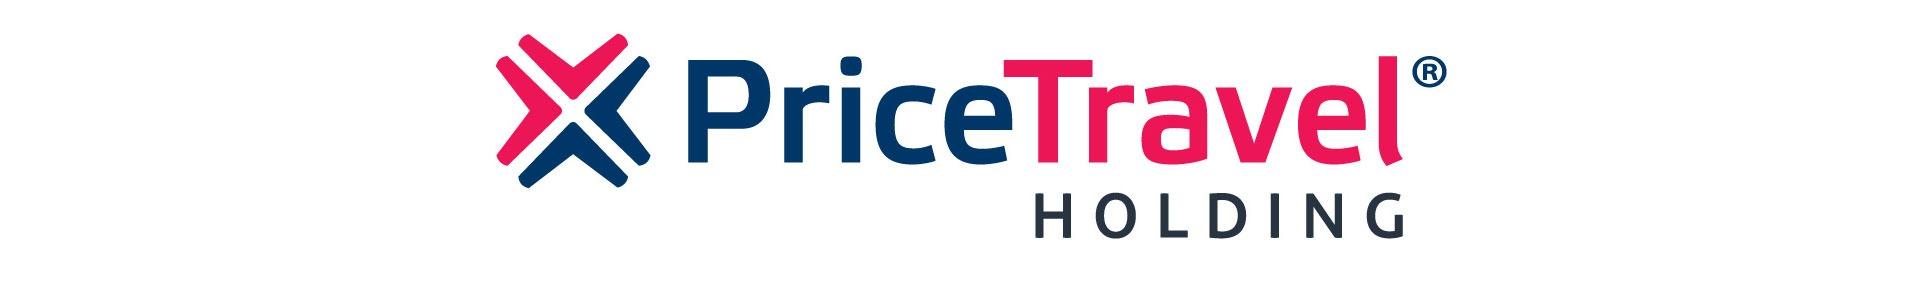 Price-Travel